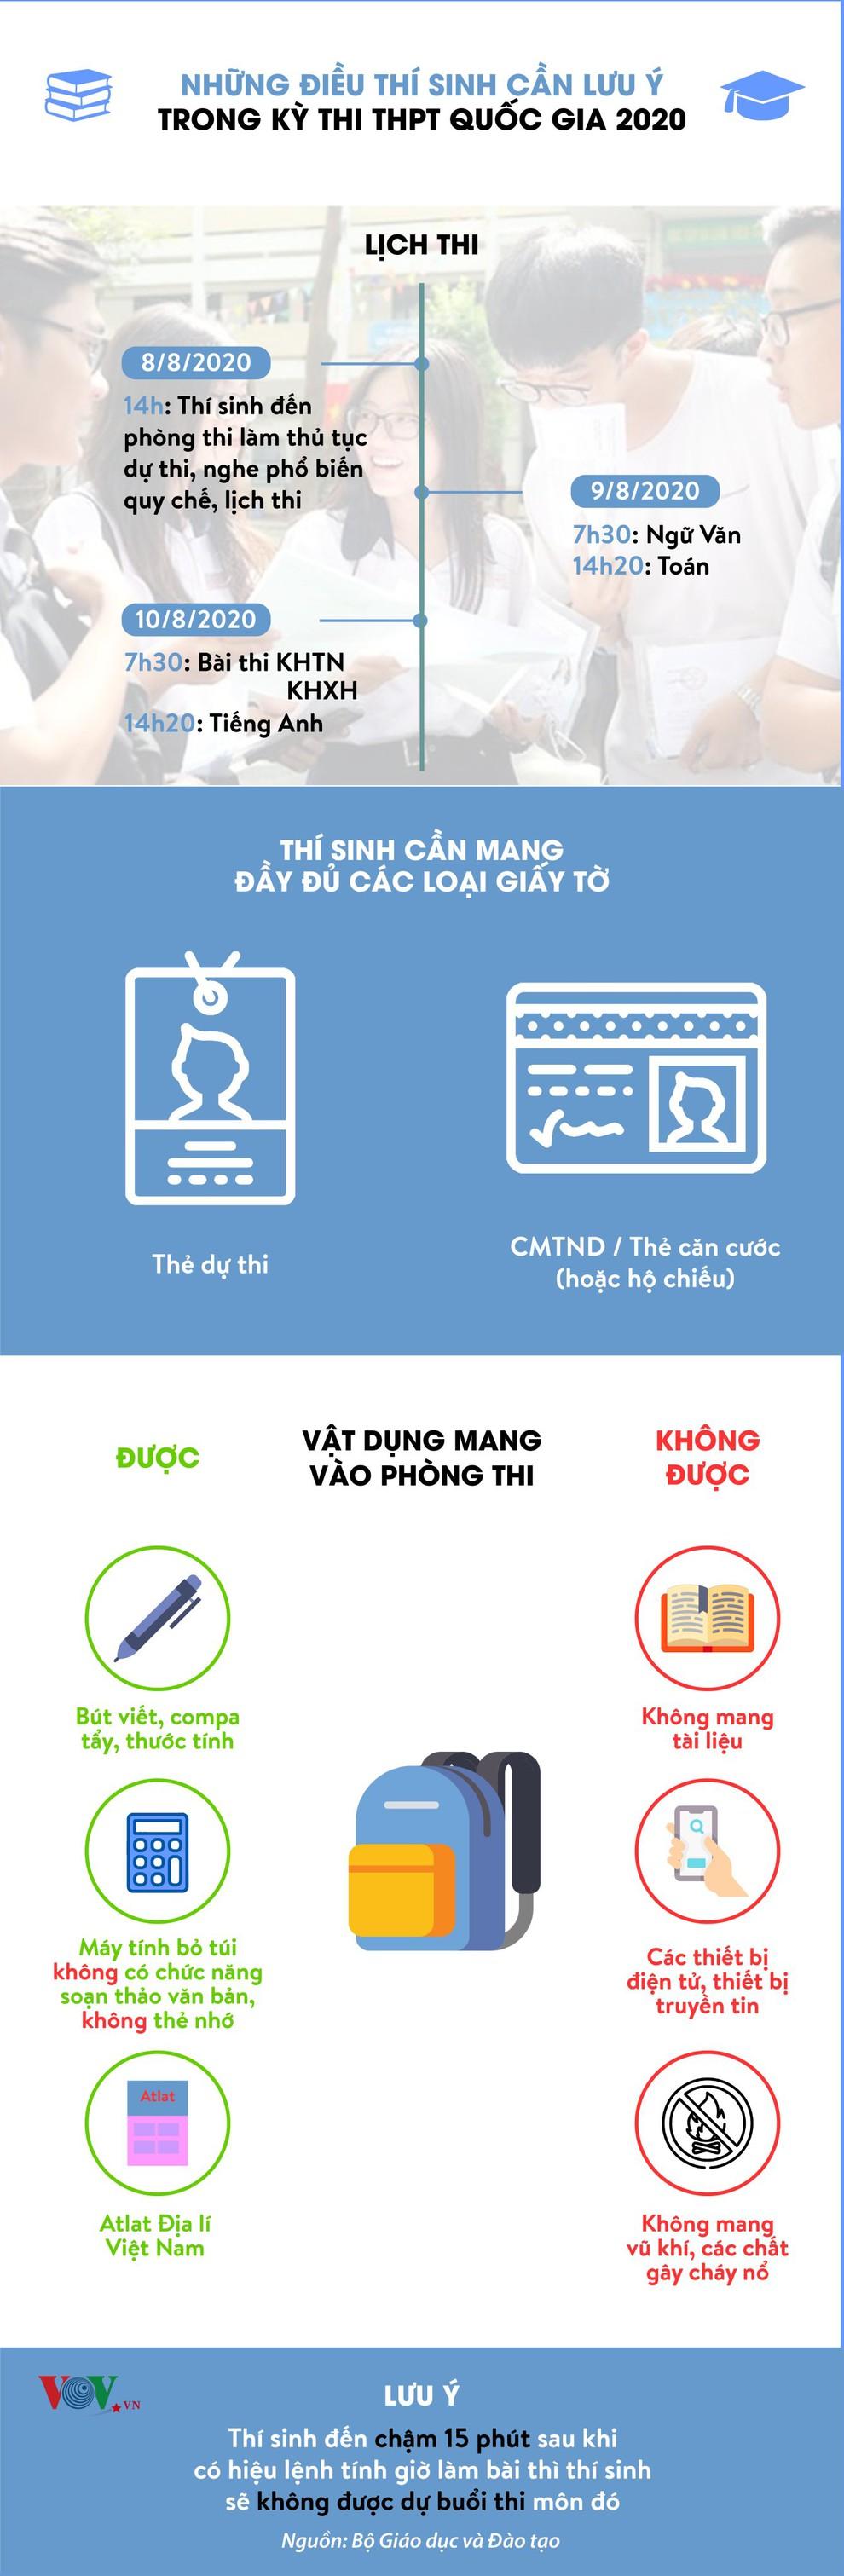 Thí sinh được mang những vật dụng nào vào phòng thi Tốt nghiệp THPT? - Ảnh 1.